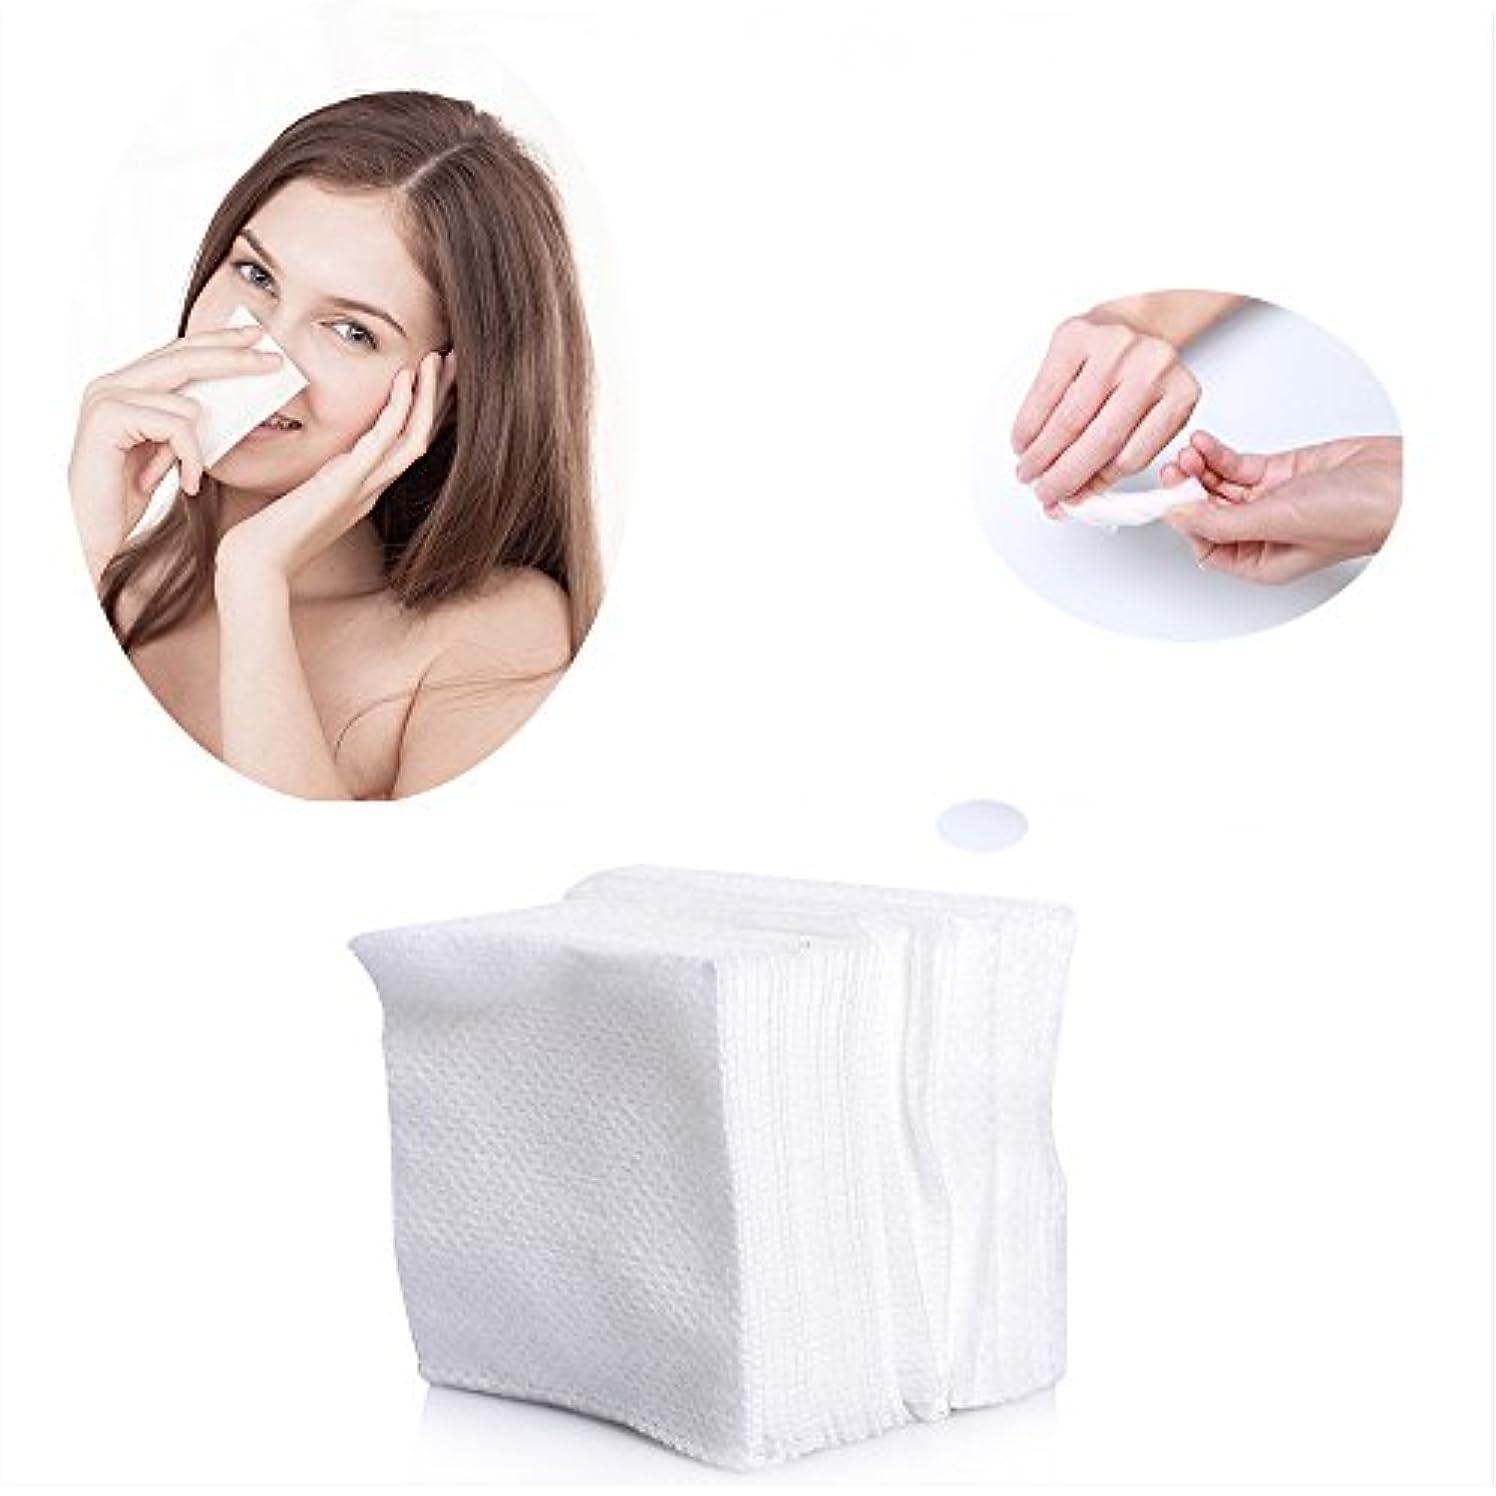 リーガン代表噛むコットンパフ 化粧用コットン 敏感肌 顔拭きシート メイクアップ コットン 100枚入